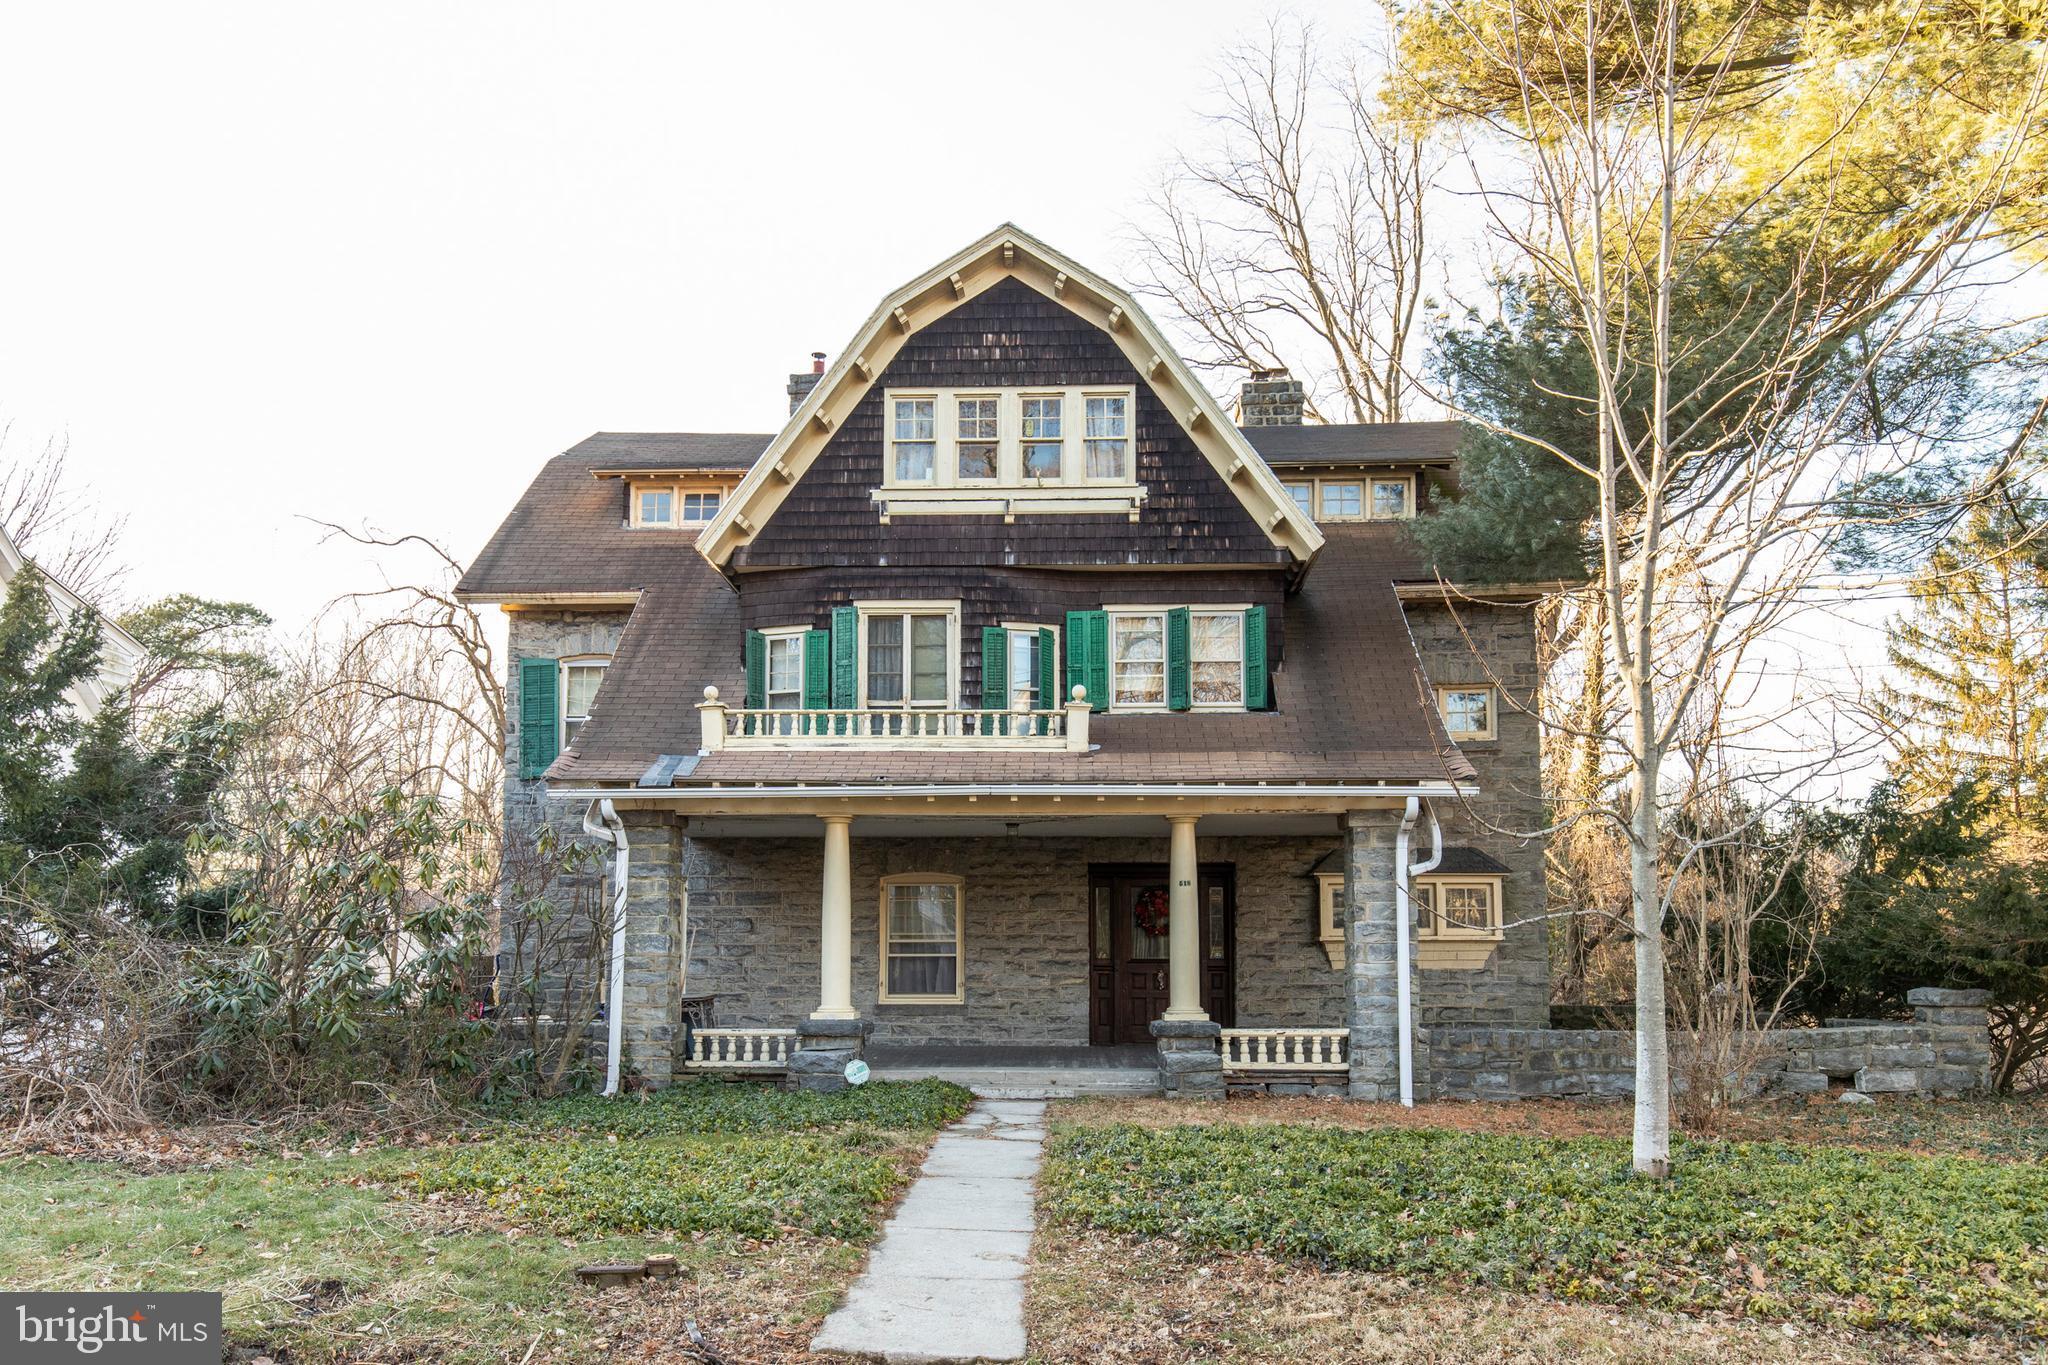 518 WALNUT LANE, SWARTHMORE, PA 19081